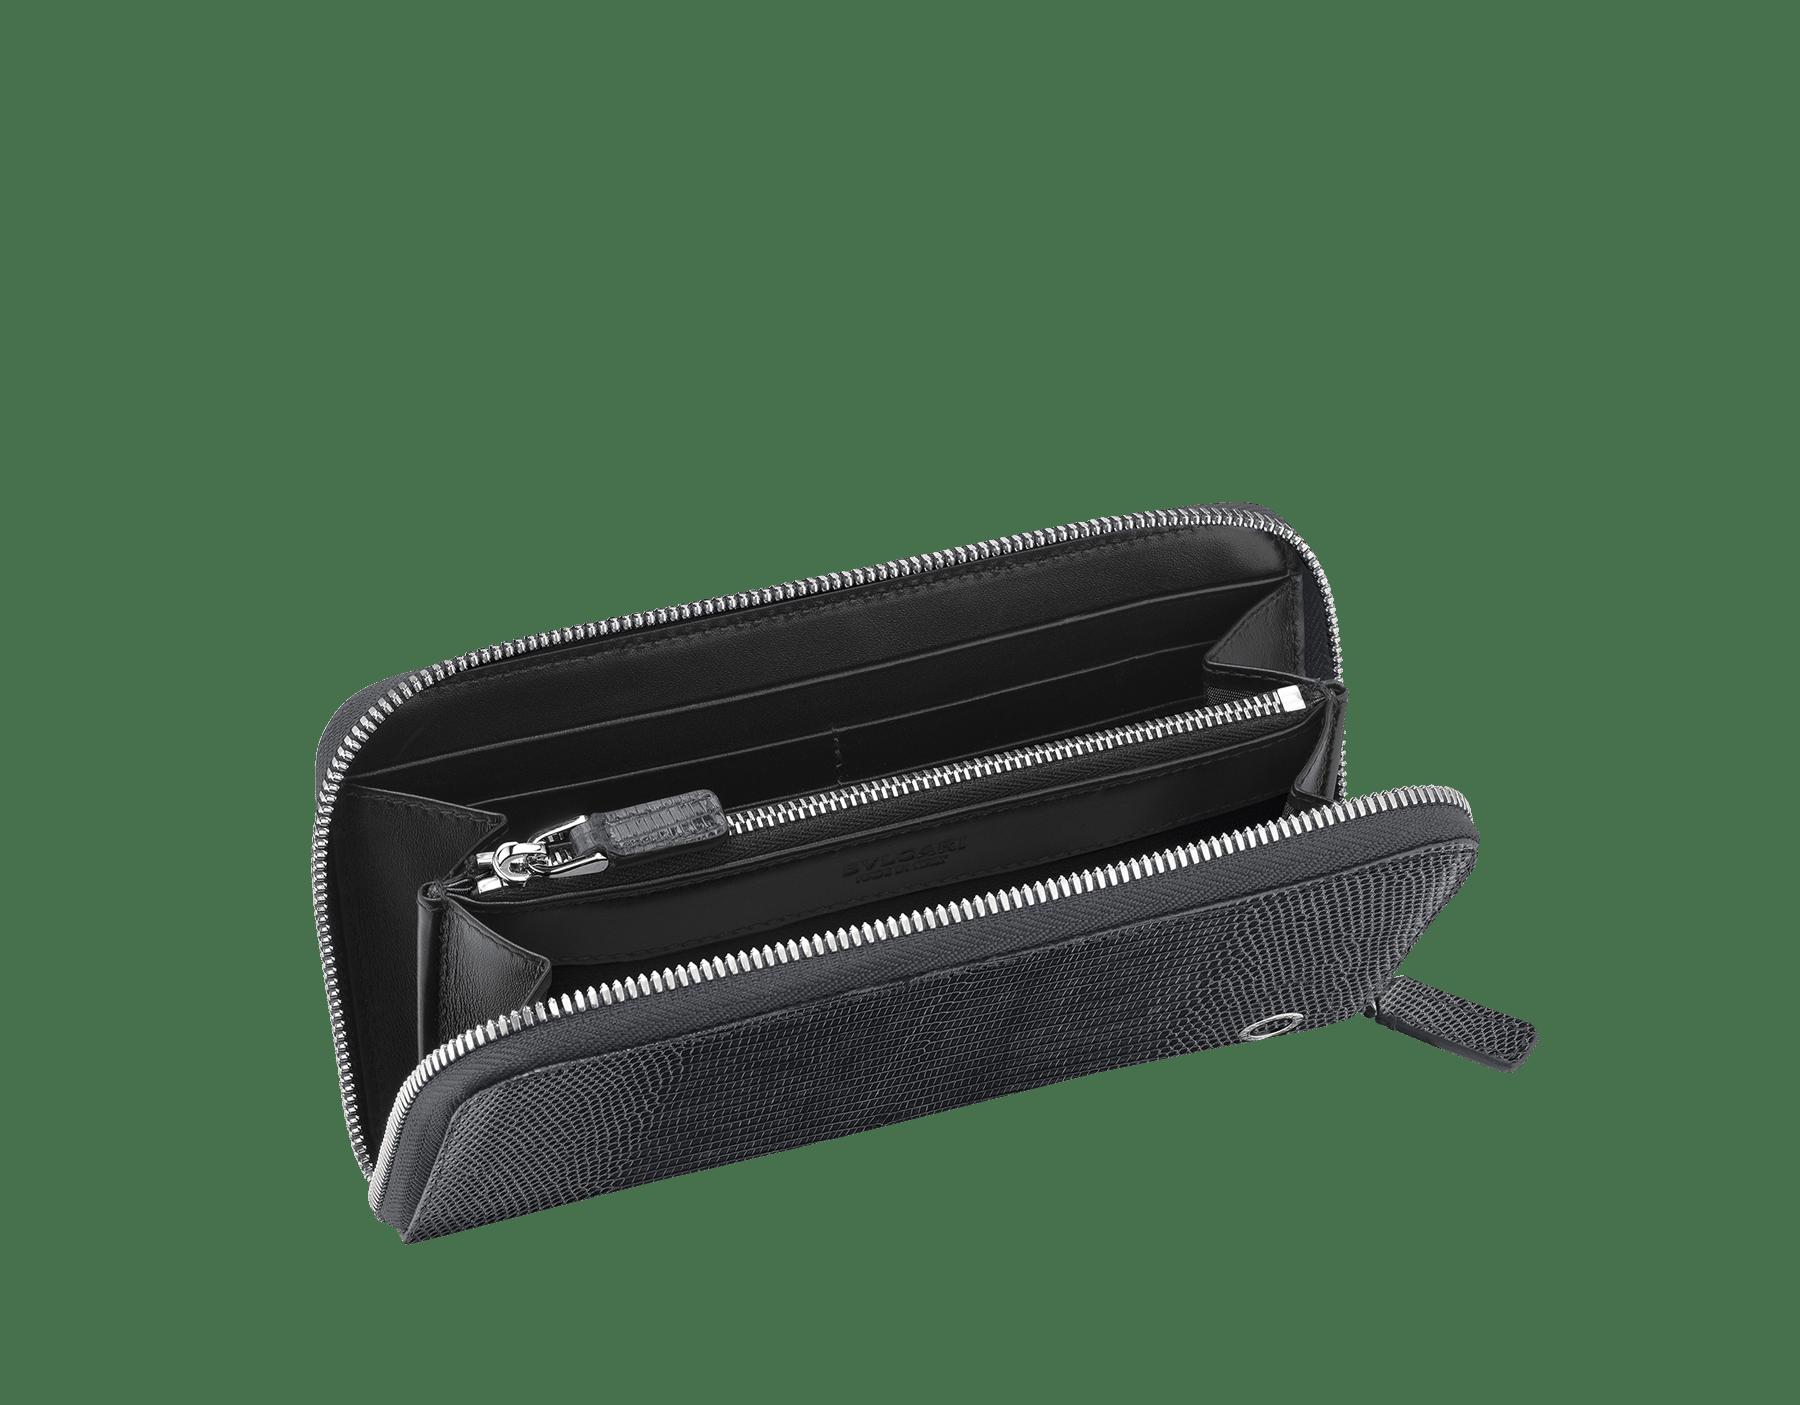 Großes BVLGARI BVLGARI Portemonnaie mit Reißverschluss aus glänzendem Eidechsenleder in Charcoal Diamond Grau und schwarzem Kalbsleder. Ikonischer Logodekor aus palladiumbeschichtetem Messing. BBM-WLT-M-ZIP-SL image 2